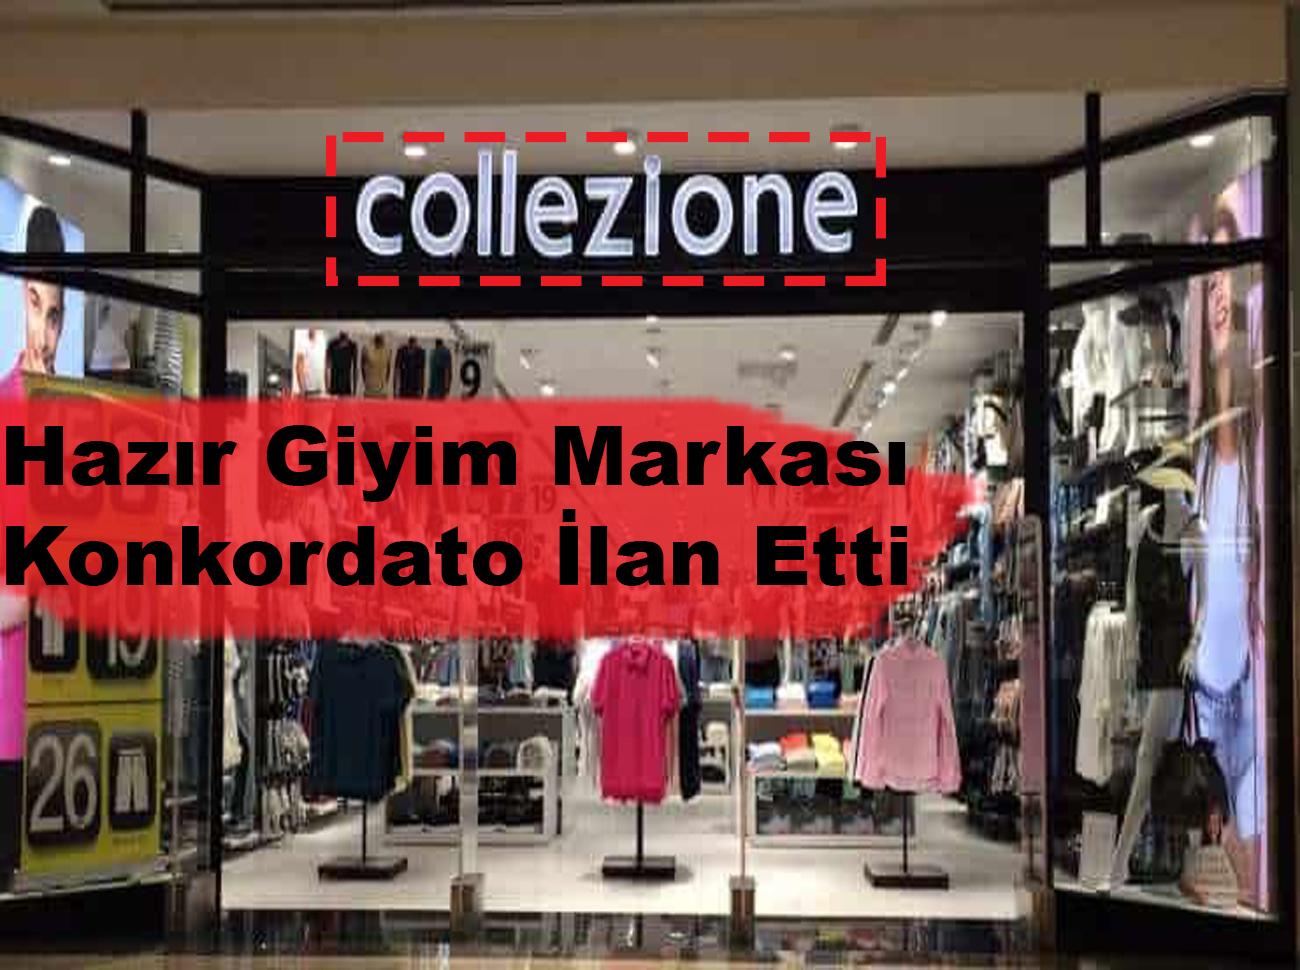 Hazır Giyim Markası Collezione Konkordato İlan Etti